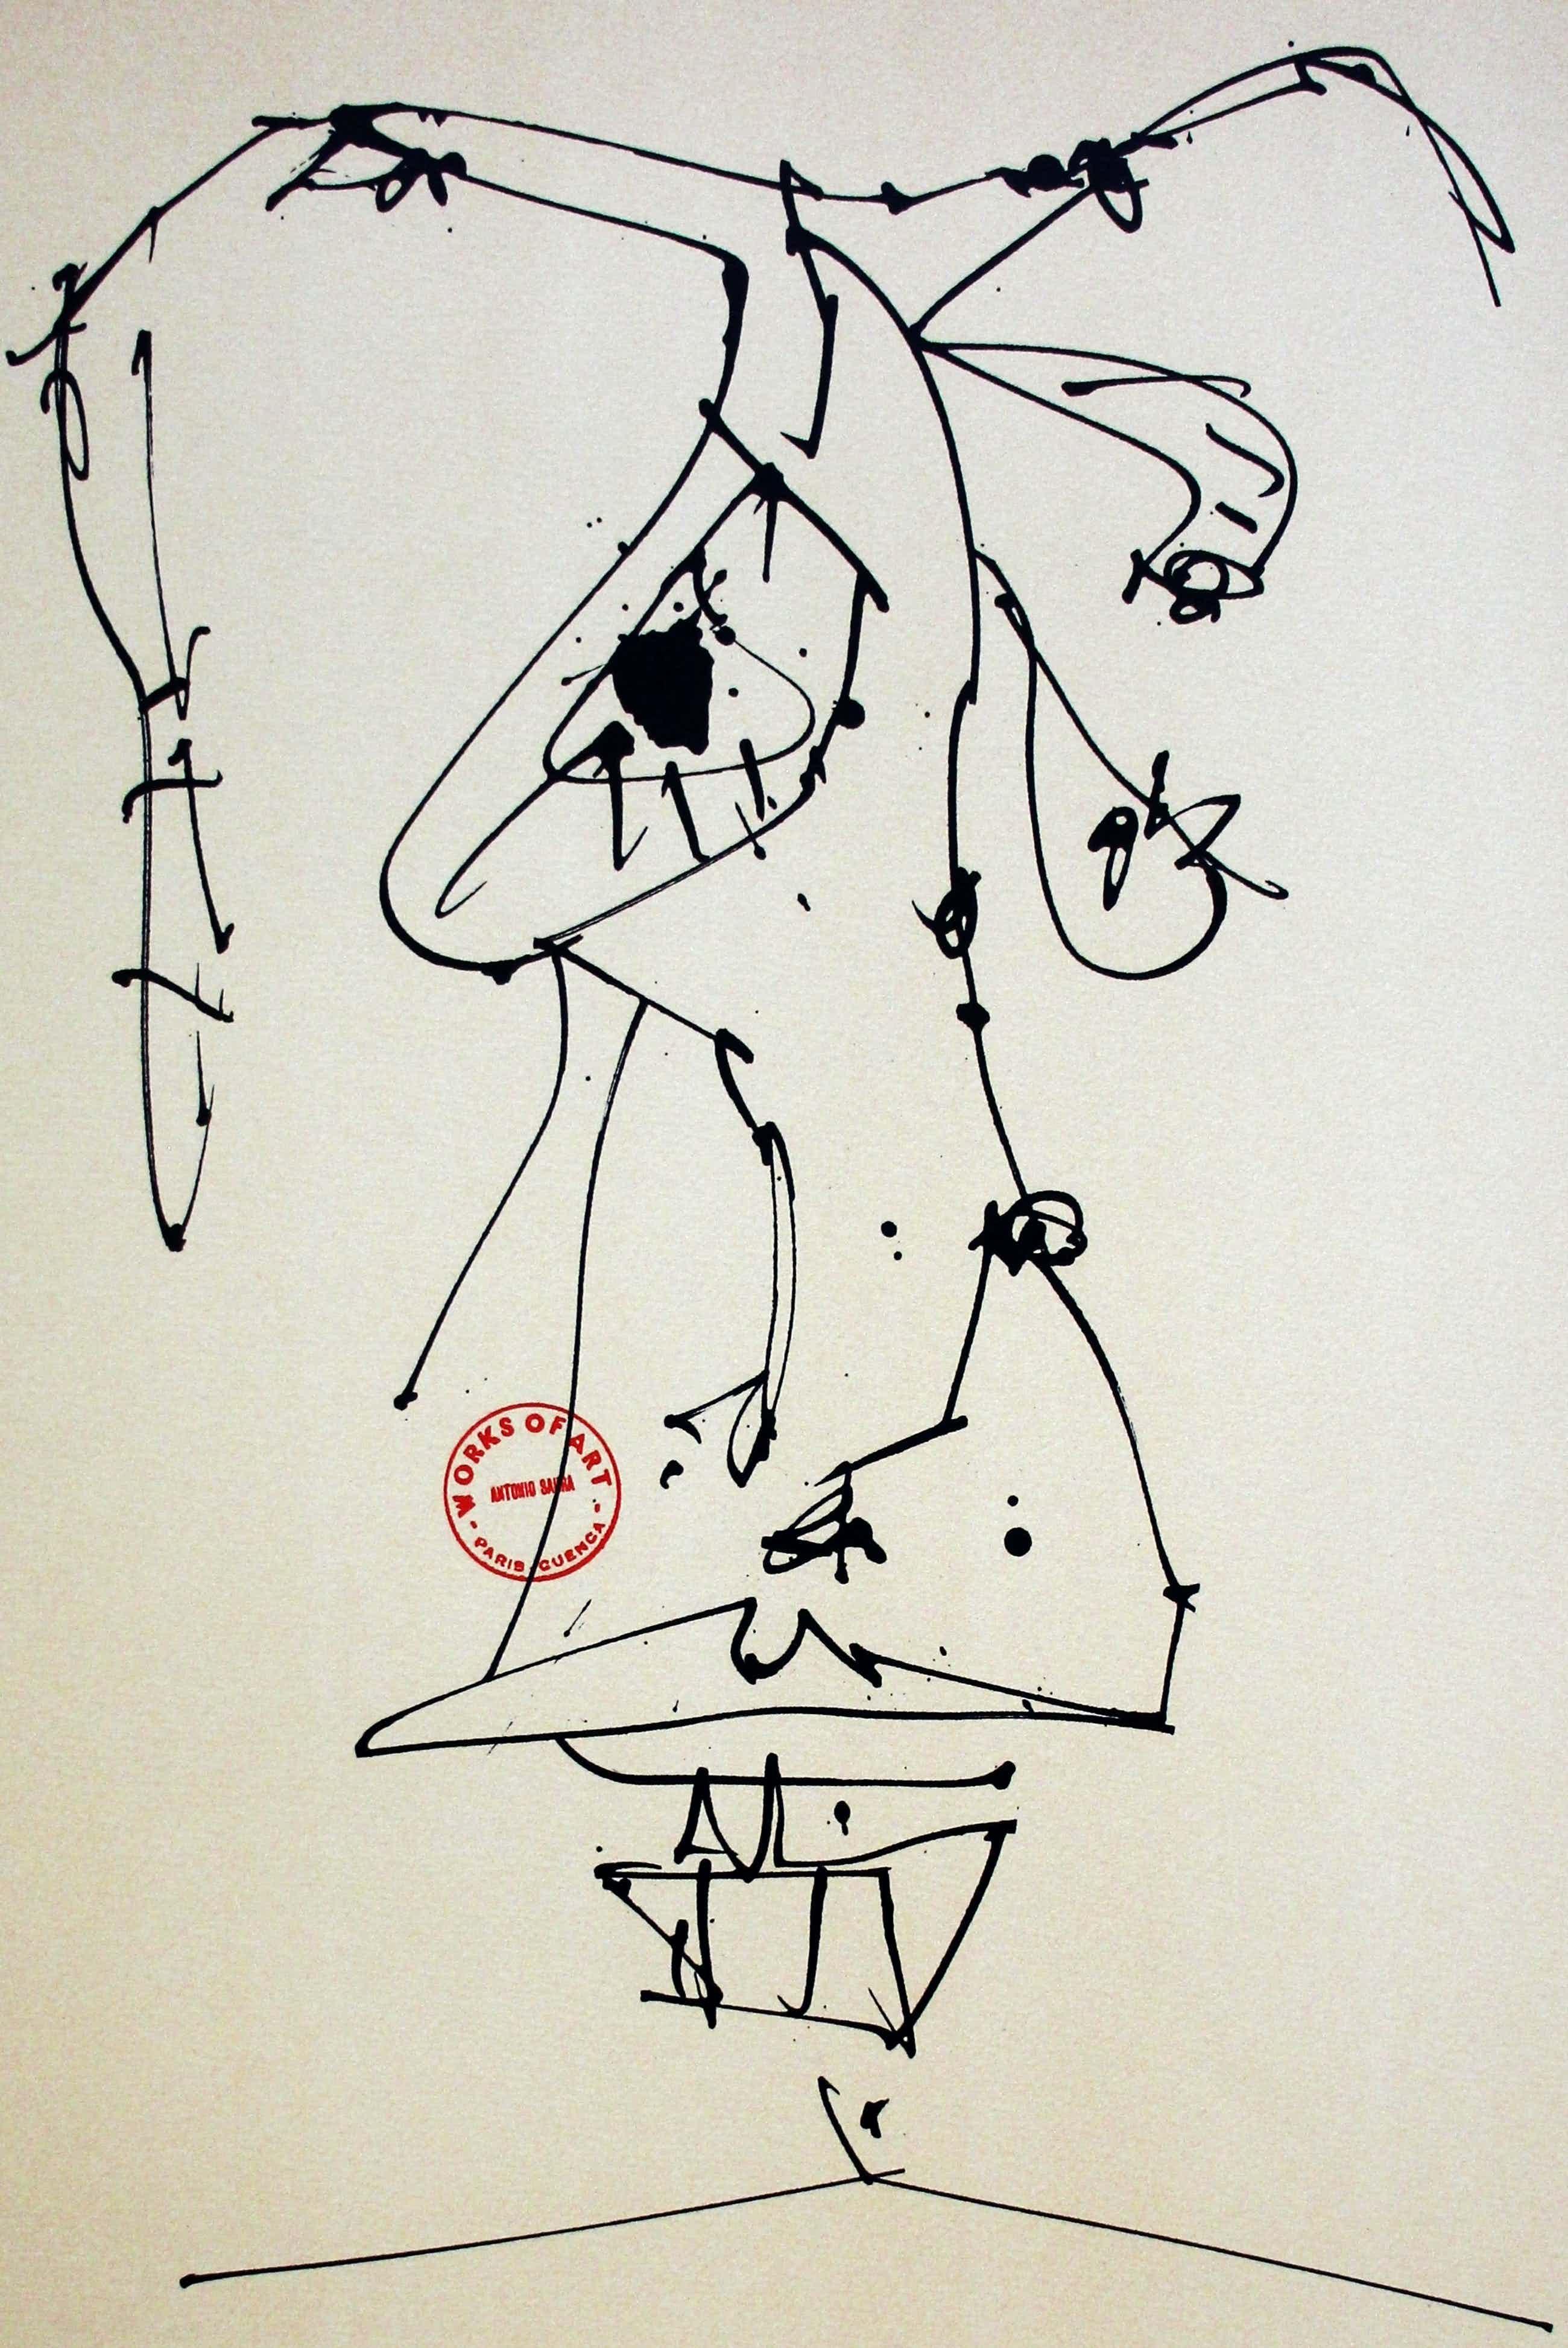 Antonio Saura - Litho: Vier maskers bij zelfportretten - 1981(1) kopen? Bied vanaf 250!